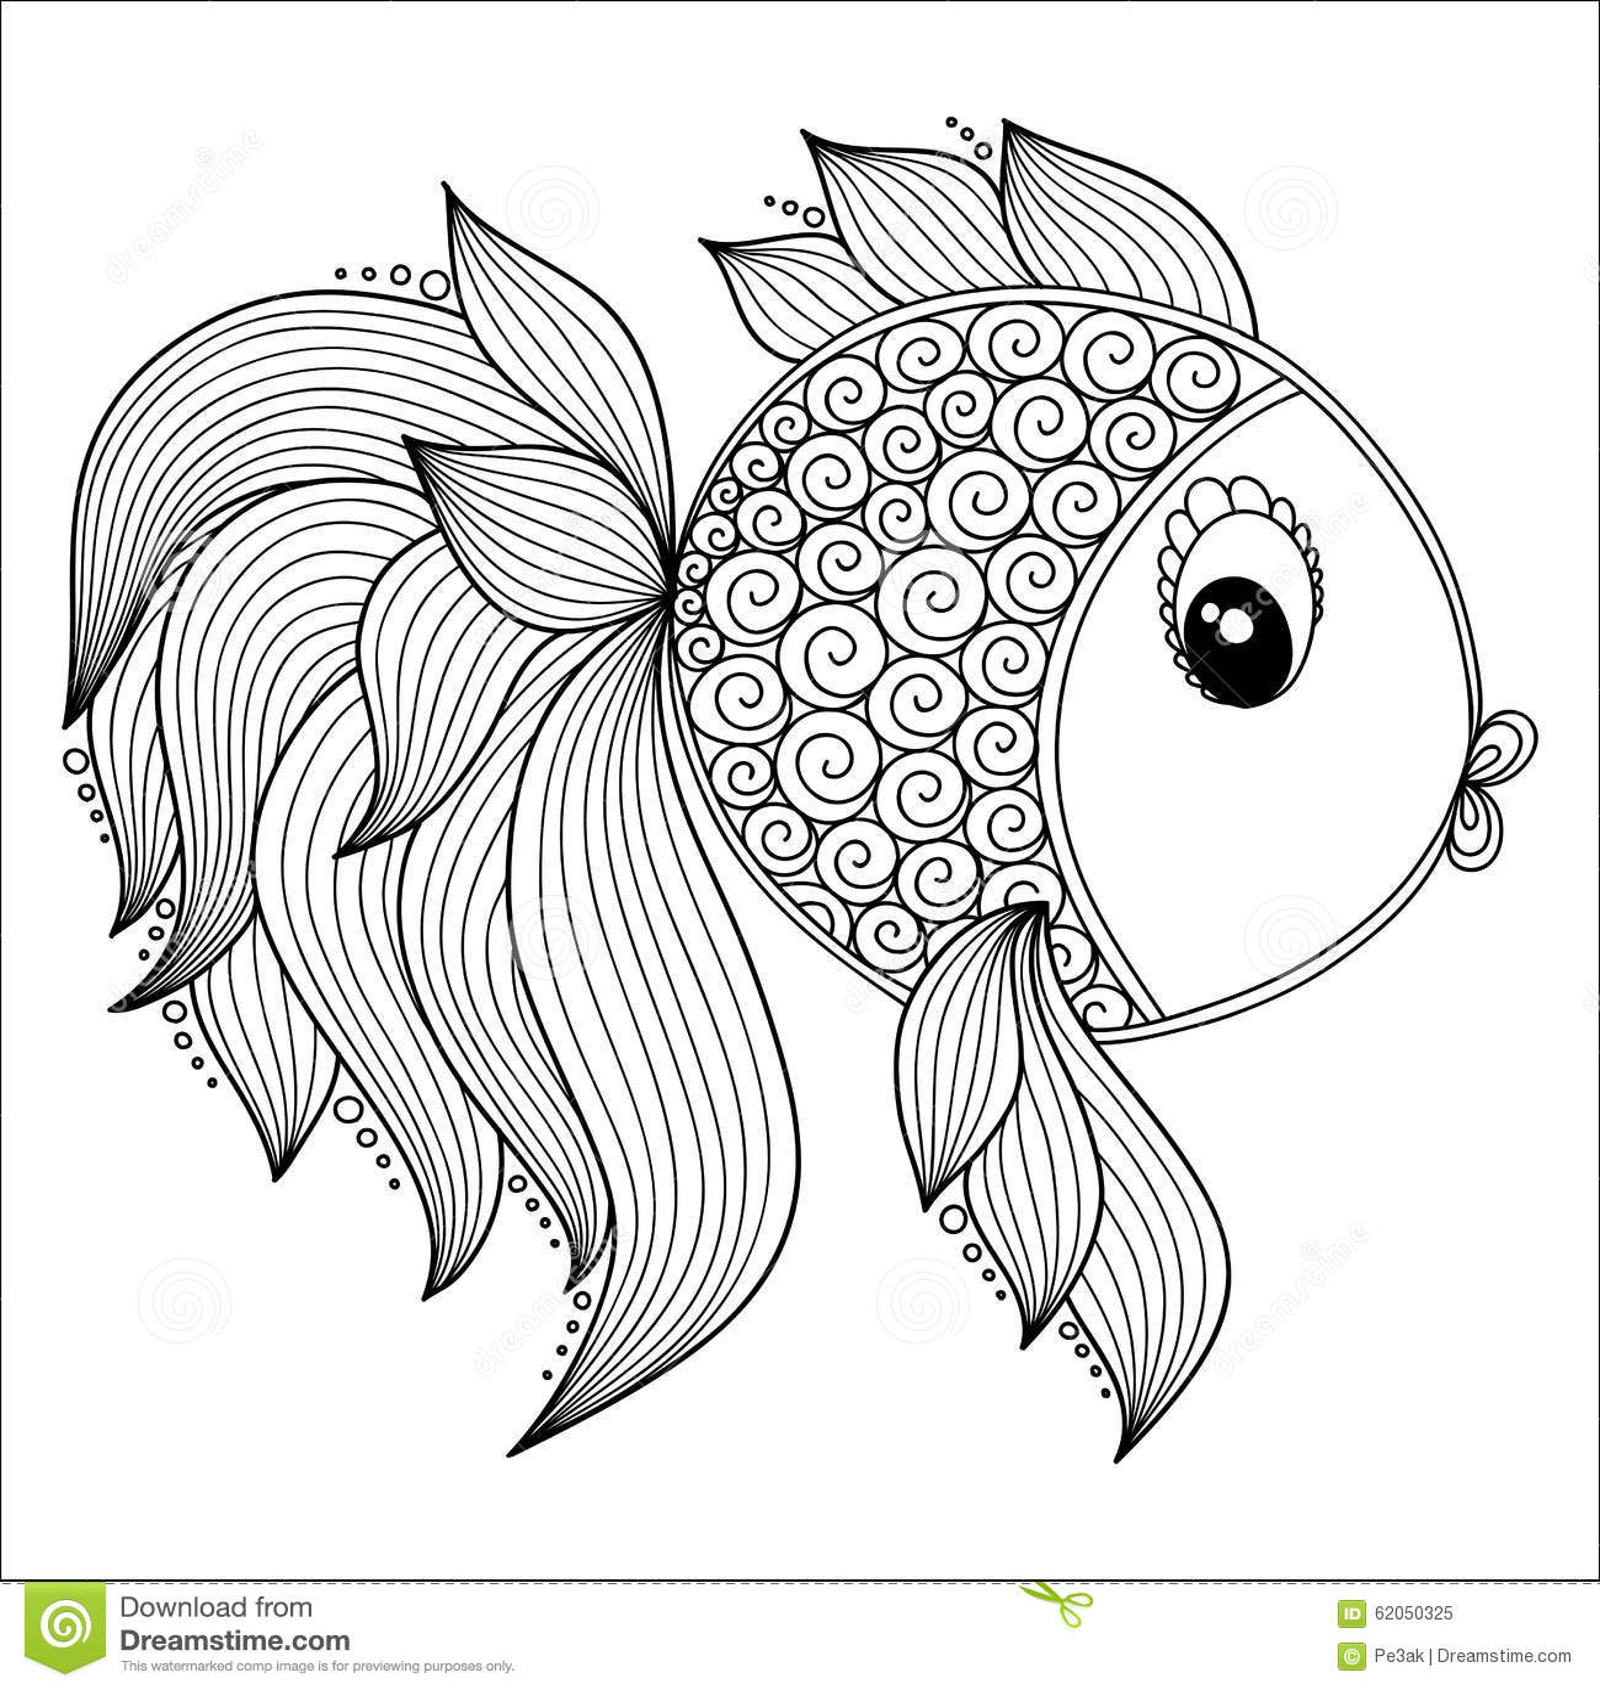 Картина для книжка-раскраски рыбы шаржа милые